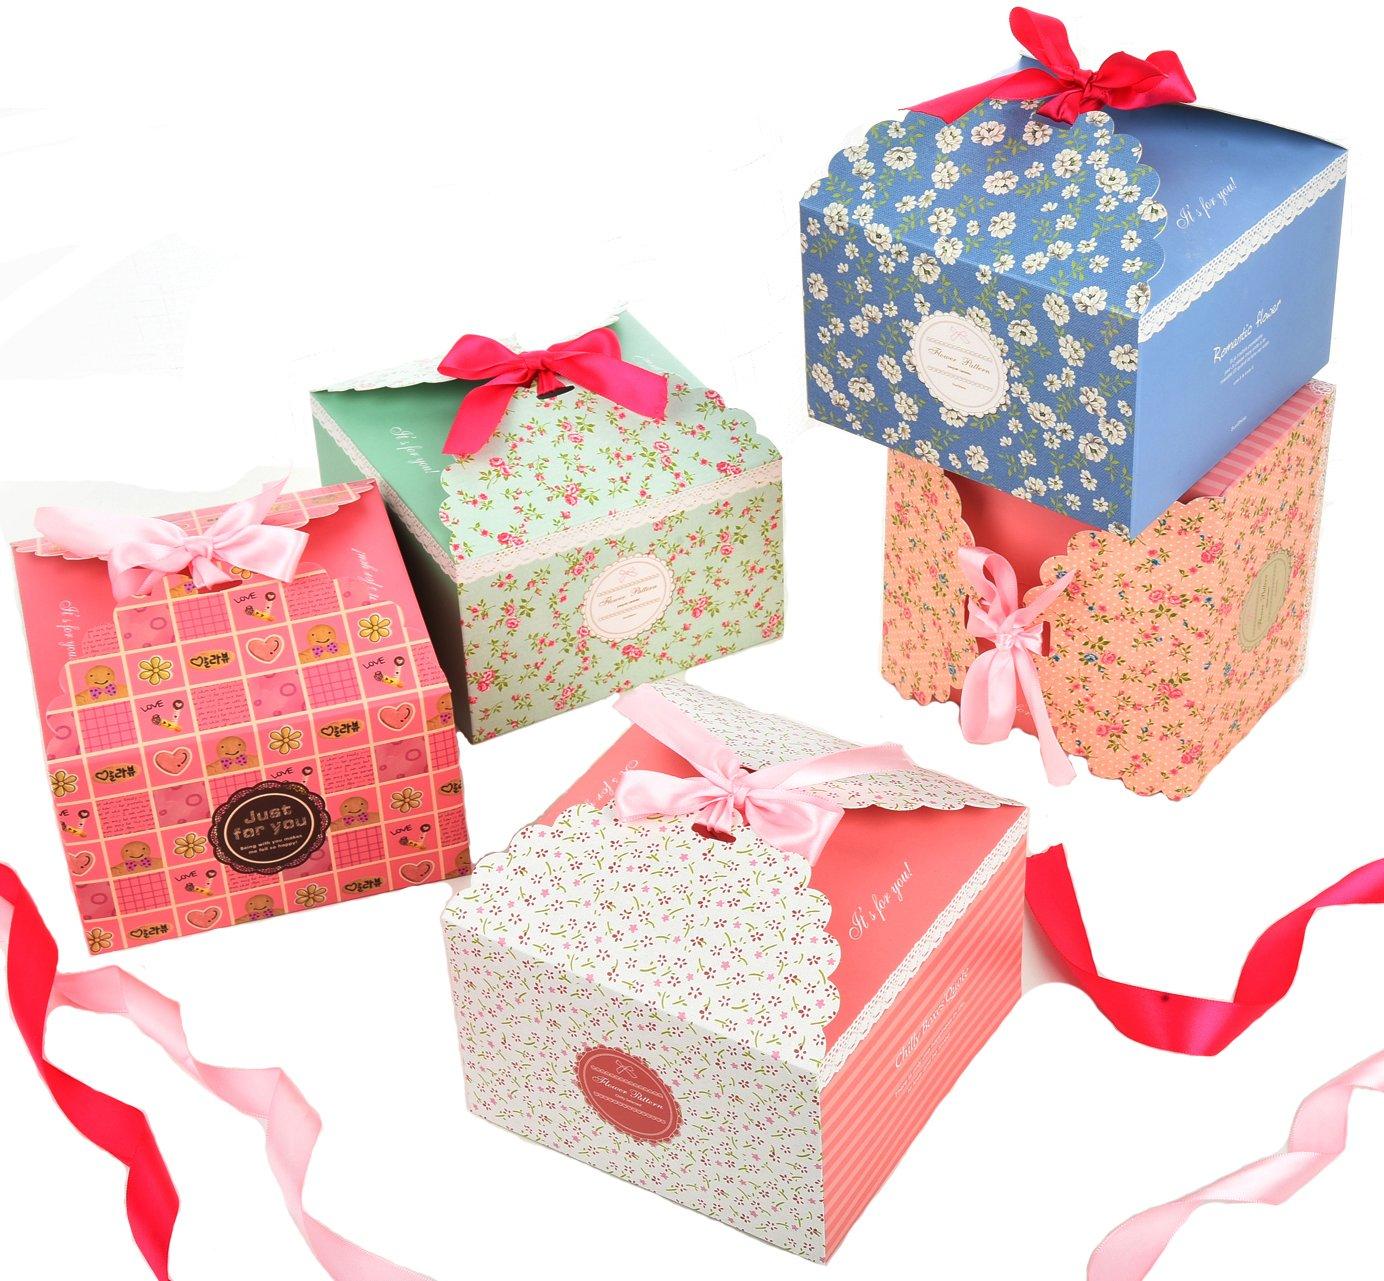 Scatole Natale,Fashionbabies Confezioni Regalo,Set di 15 scatole Decorative Per il Natale, il Ringraziamento, i regali di compleanno e il partito(15 PCS)